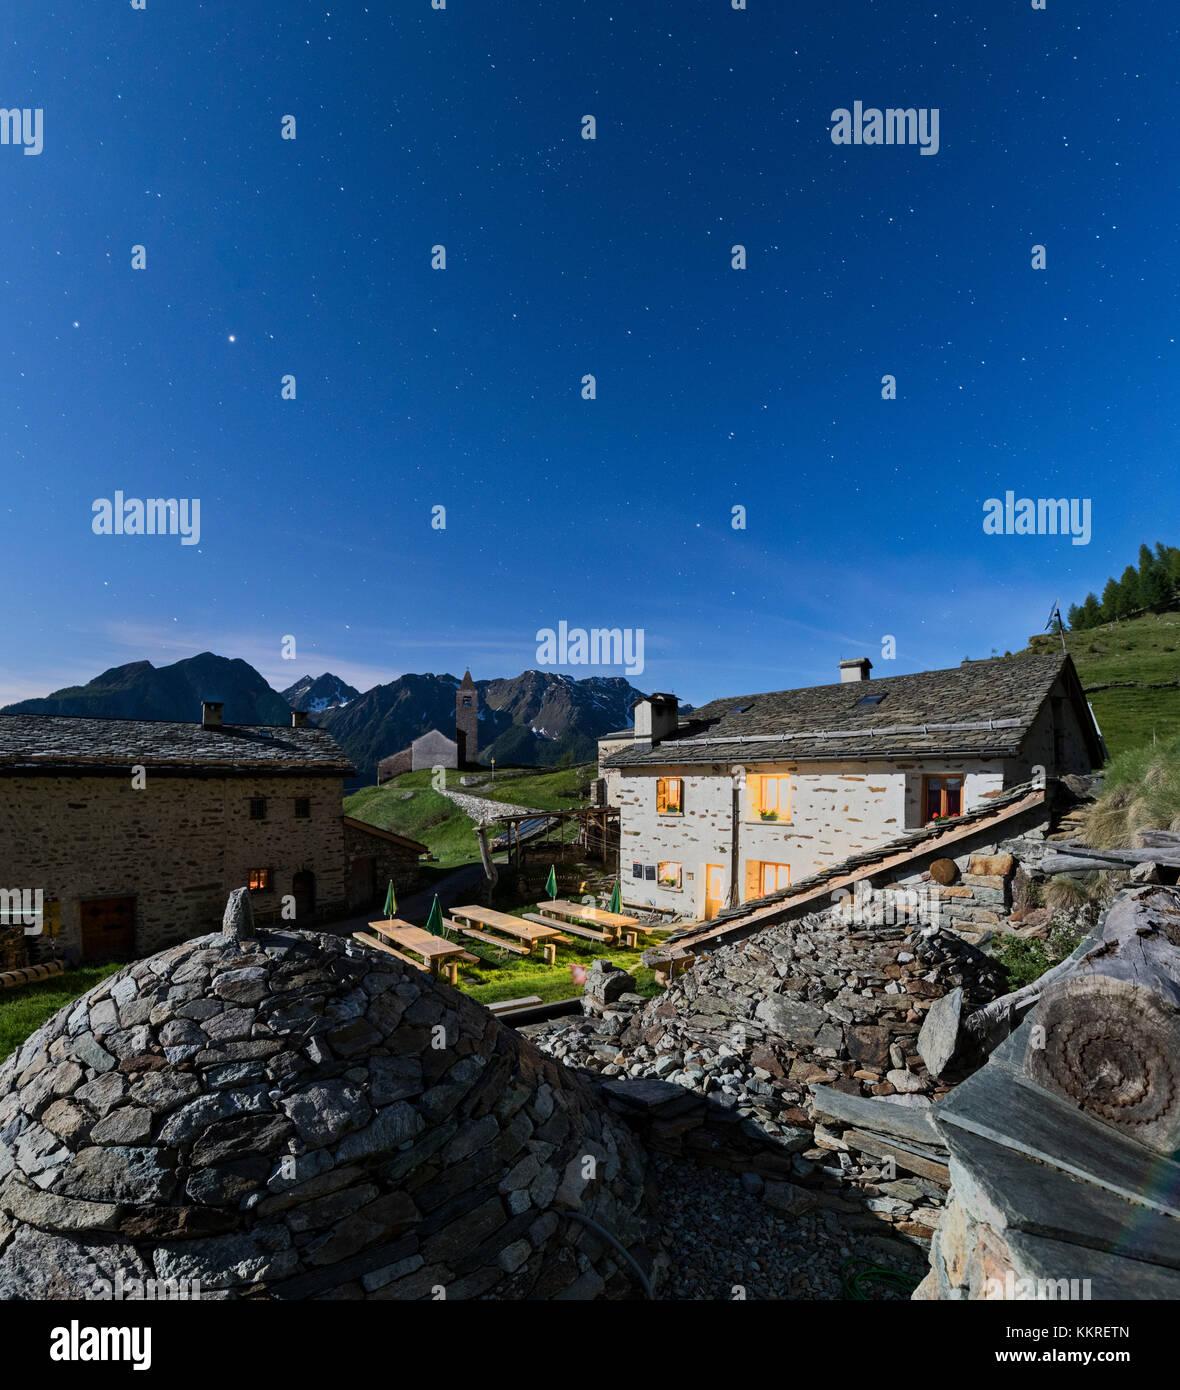 Panoramic of mountain retreat under starry sky, San Romerio Alp, Brusio, Canton of Graubünden, Poschiavo valley, - Stock Image